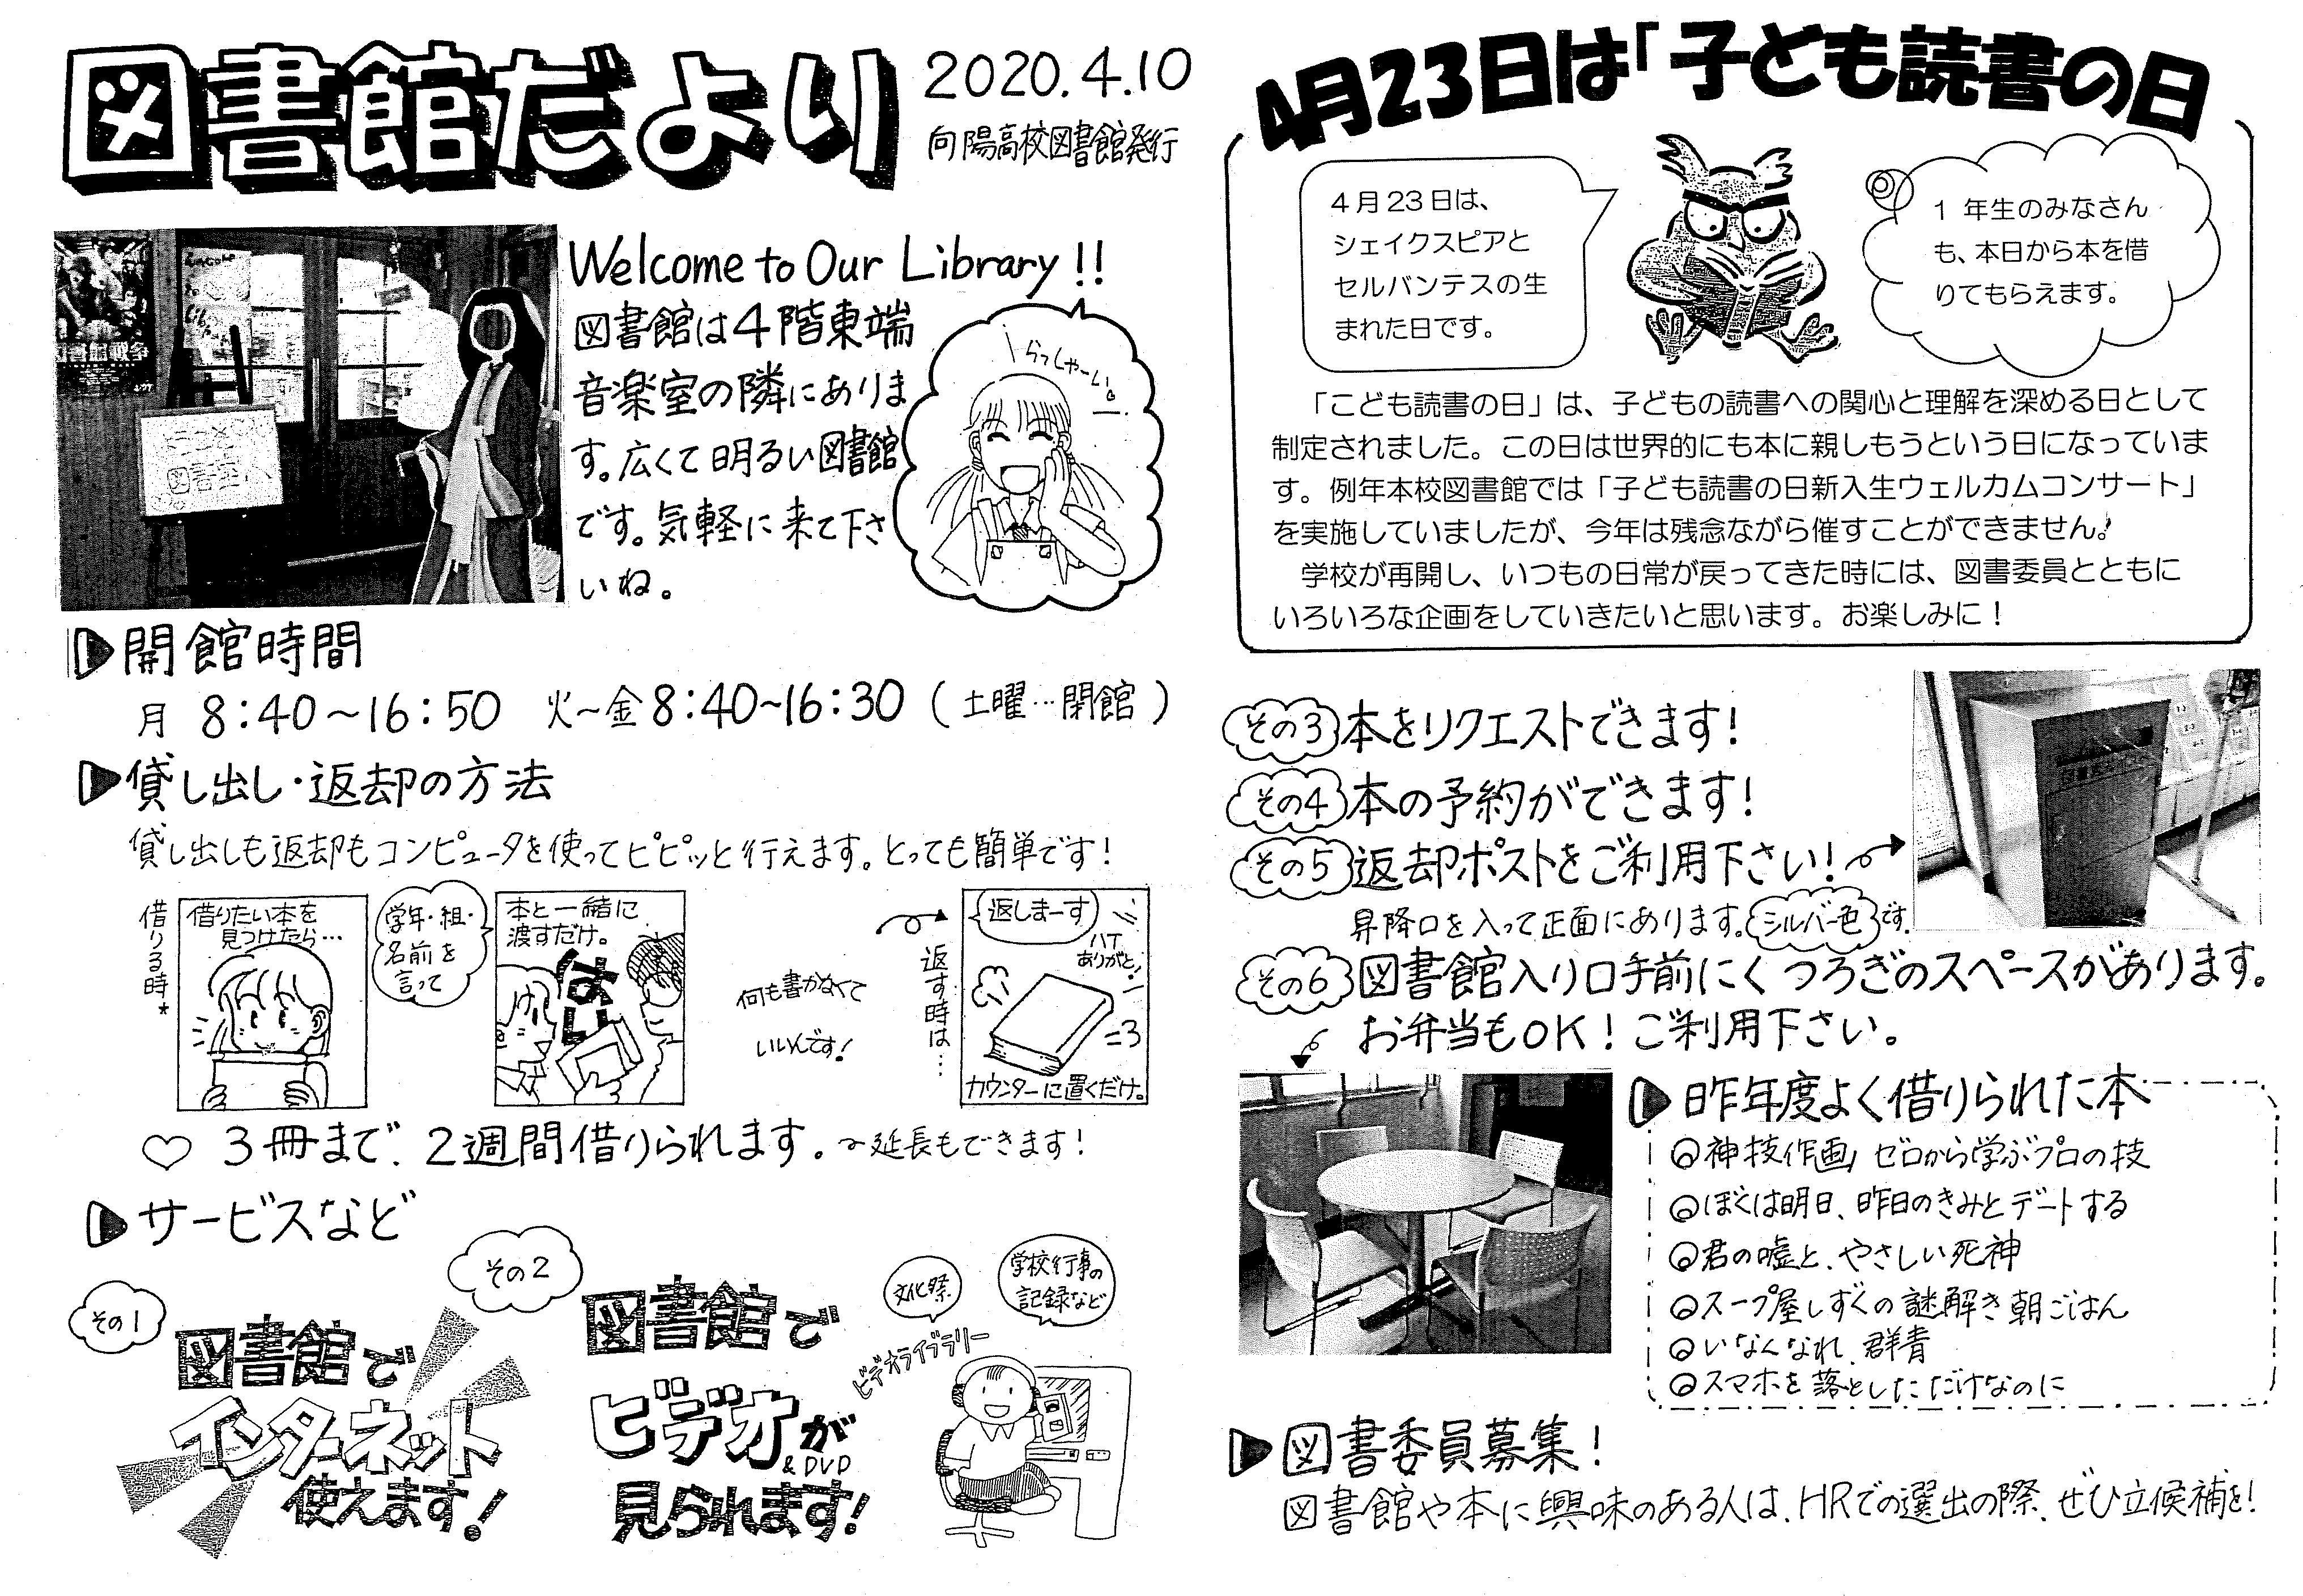 http://www.kyoto-be.ne.jp/kouyou-hs/mt/school_life/images/%E5%9B%B3%E6%9B%B8%E9%A4%A8%E3%81%AE%E7%B4%B9%E4%BB%8B%E3%83%9A%E3%83%BC%E3%82%B8.jpg